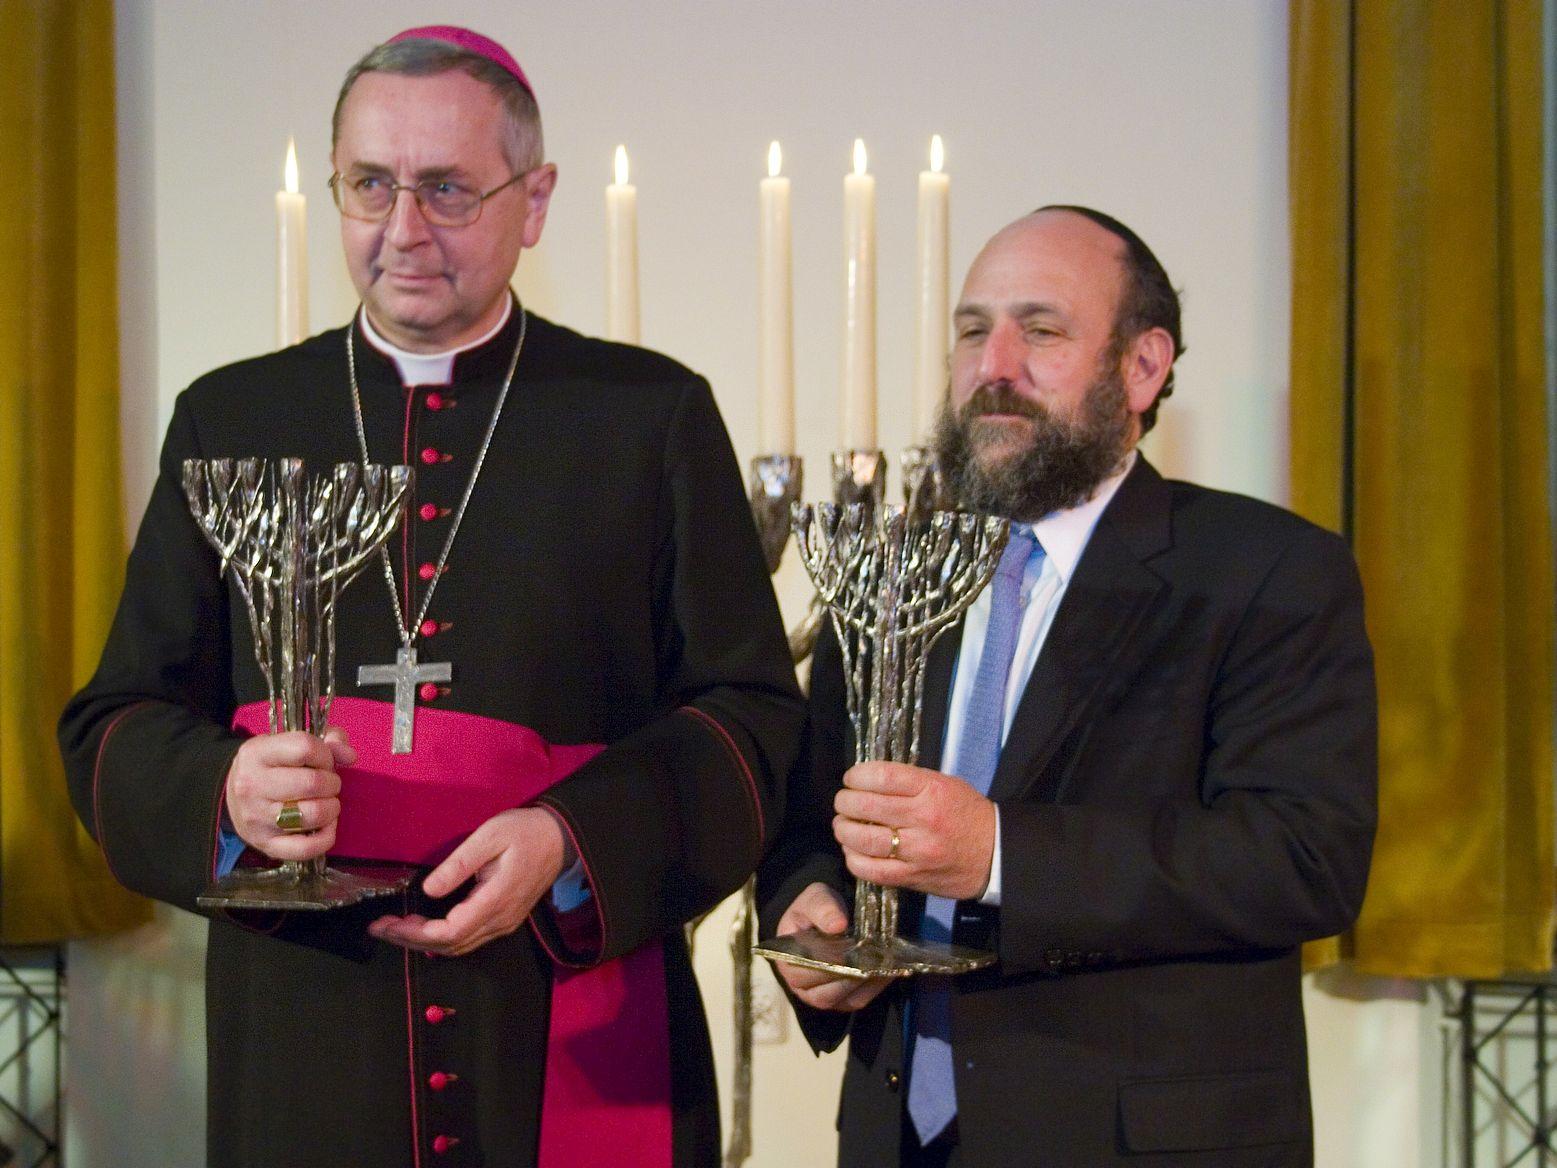 XX Dzień Judaizmu, Gądecki, Schudrich